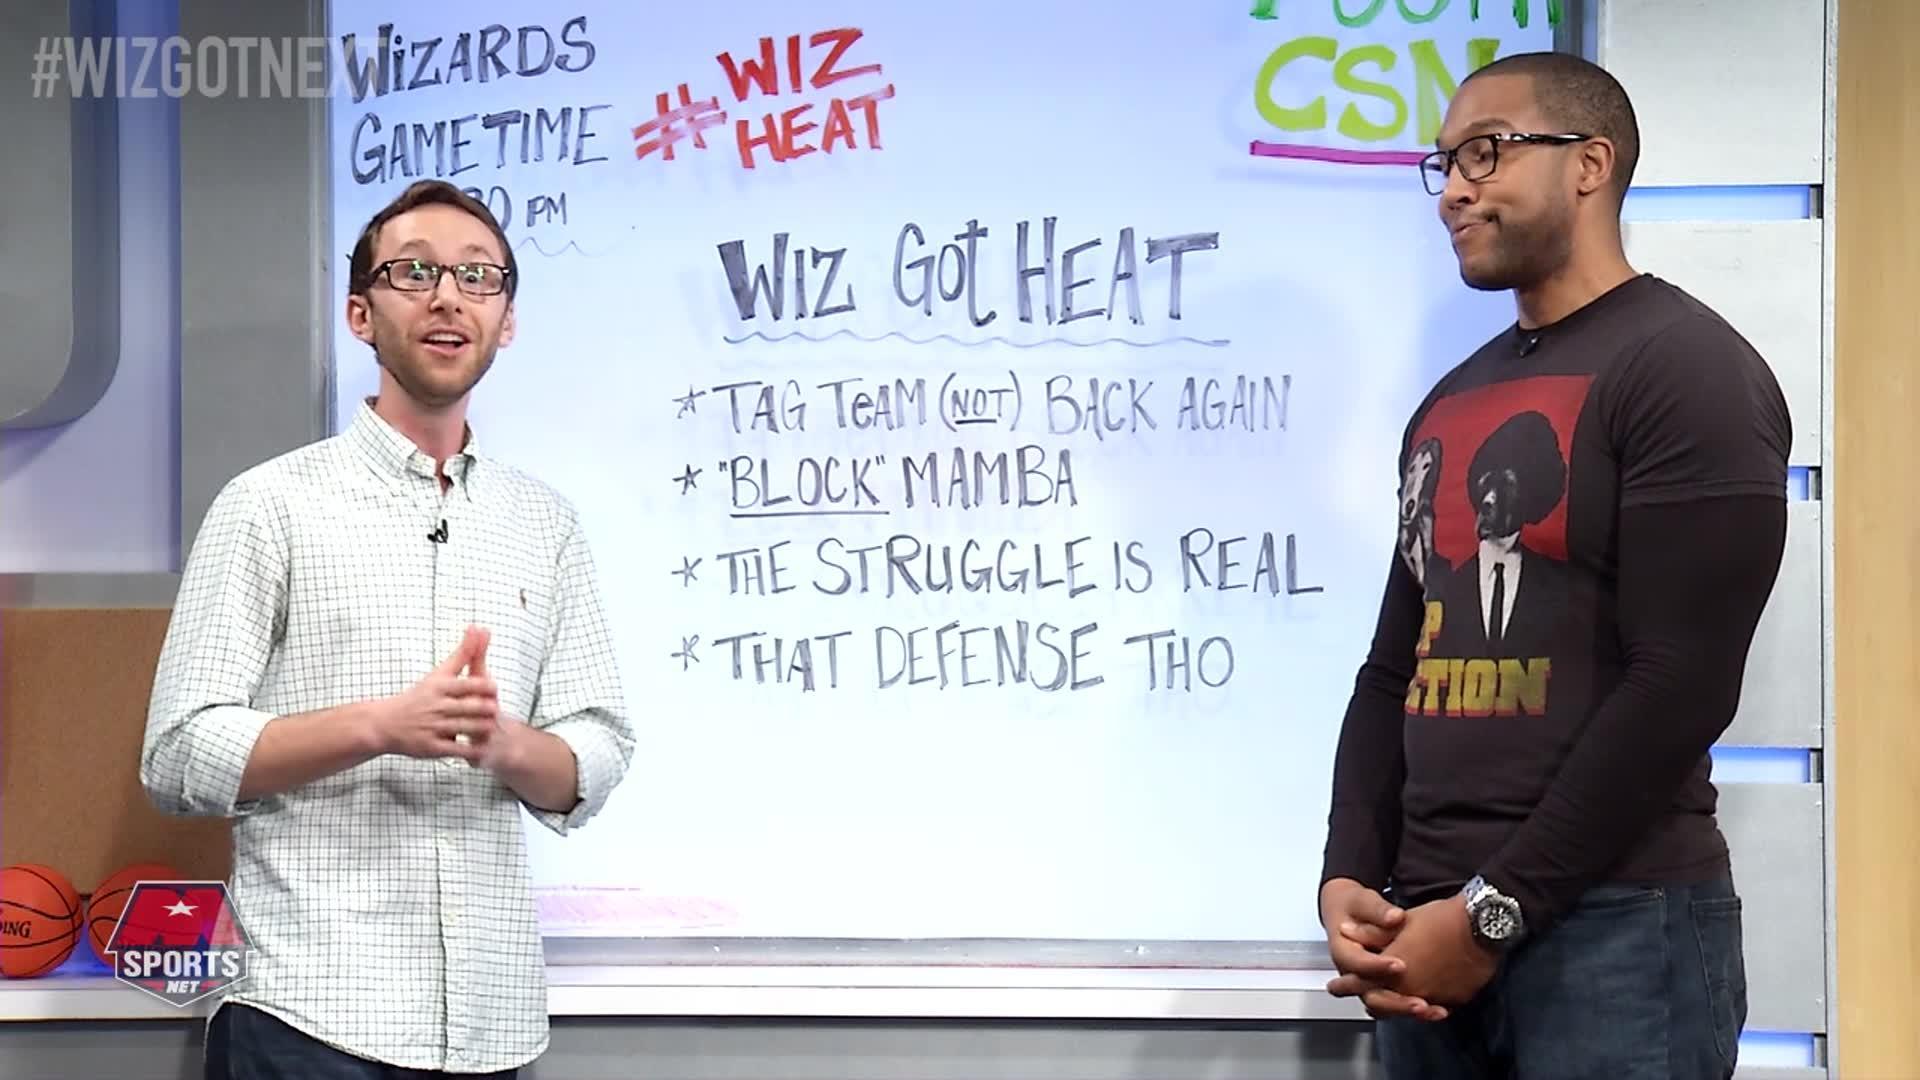 Wiz Got Next Pt 1 - Wiz vs Heat 11-19-16